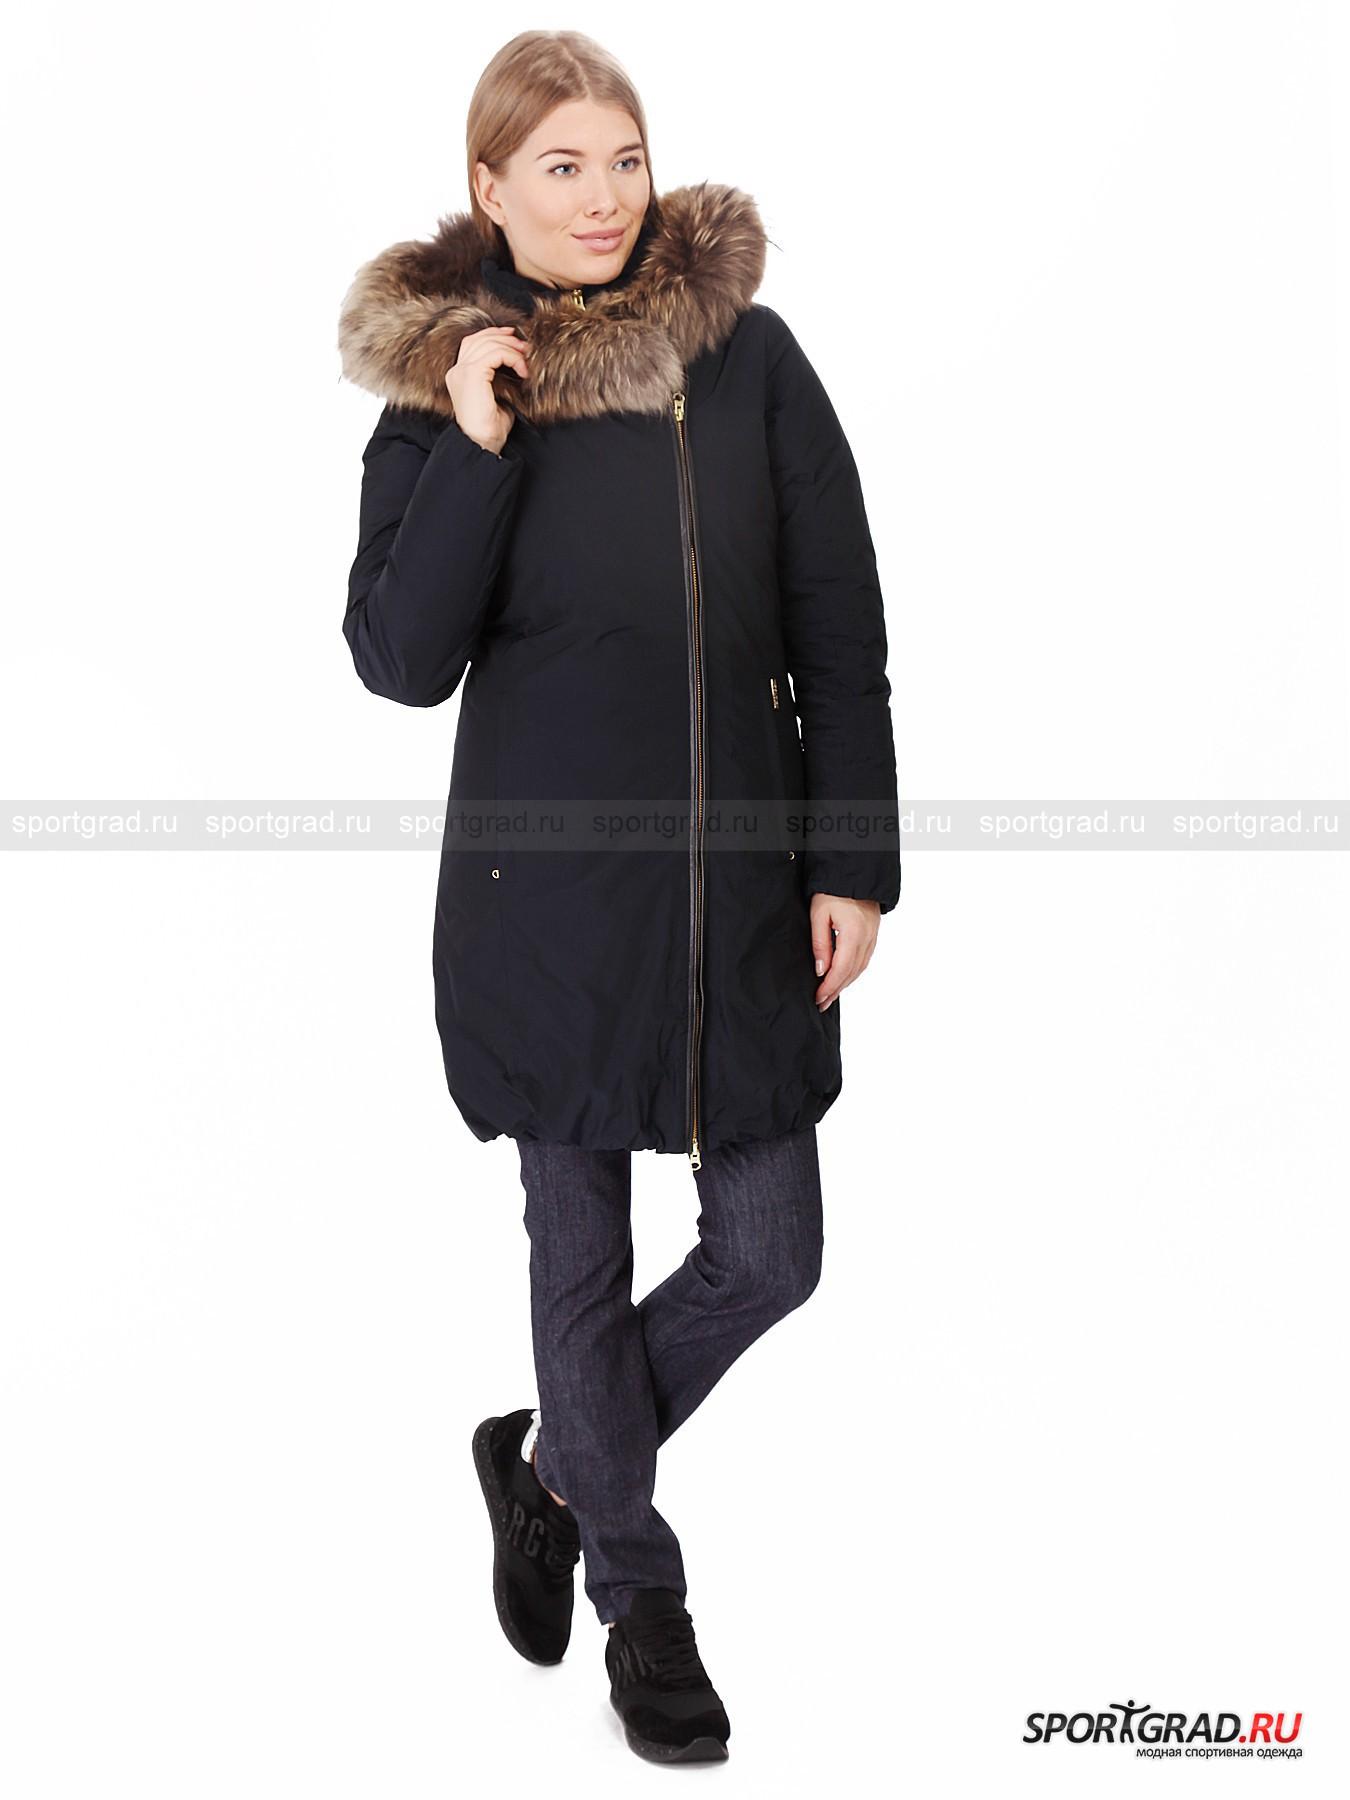 Пуховик женский EUGENE COAT WOOLRICH от Спортград